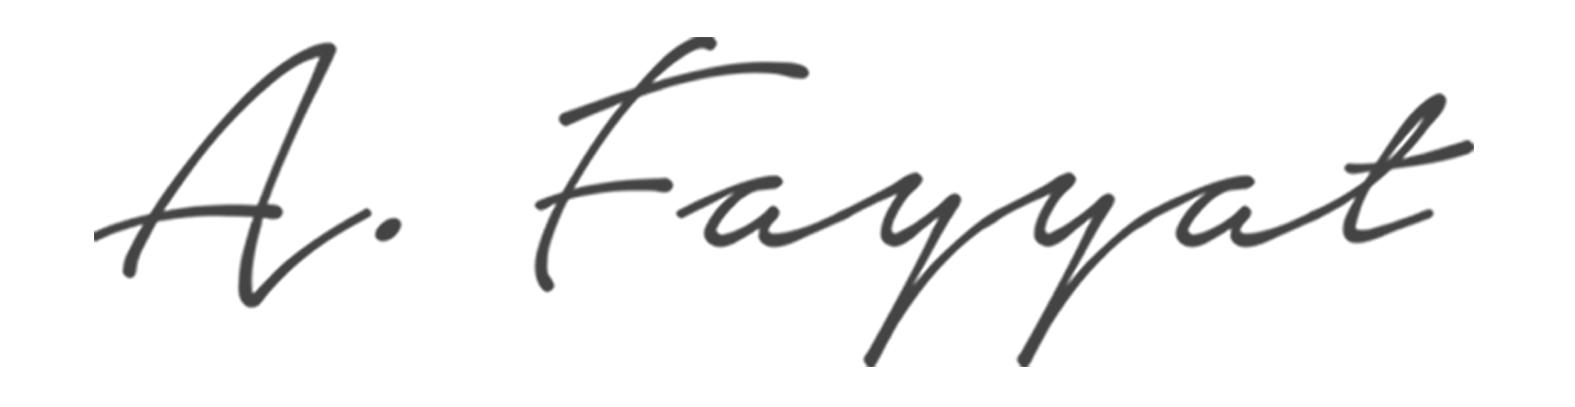 A. Fayyat's Signature